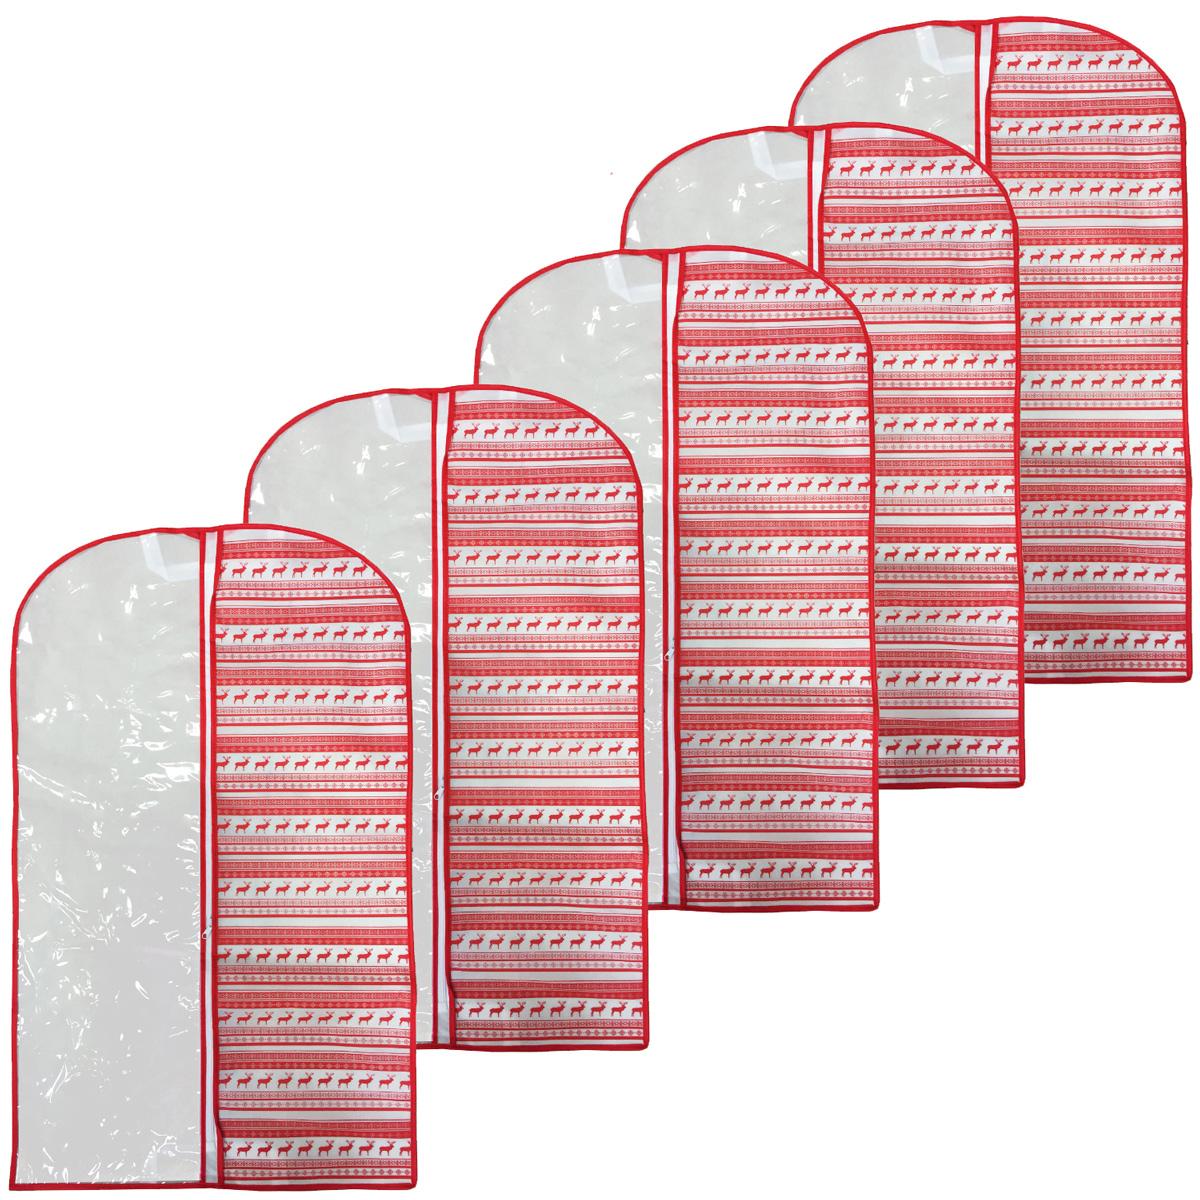 Набор чехлов для одежды Homsu Scandinavia, 60 х 120 х 10 см, 5 штDEN-81Удобный набор чехлов для одежды Homsu Scandinavia, выполненных из поливинилхлорида и спанбонда, обеспечит надежное хранение вашей одежды, защитит от повреждений во время хранения и транспортировки, а также от пыли и грязи. Чехлы легко чистятся при помощи влажной тряпки. Изделия дополнены застежкой-молнией и оформлены принтом.